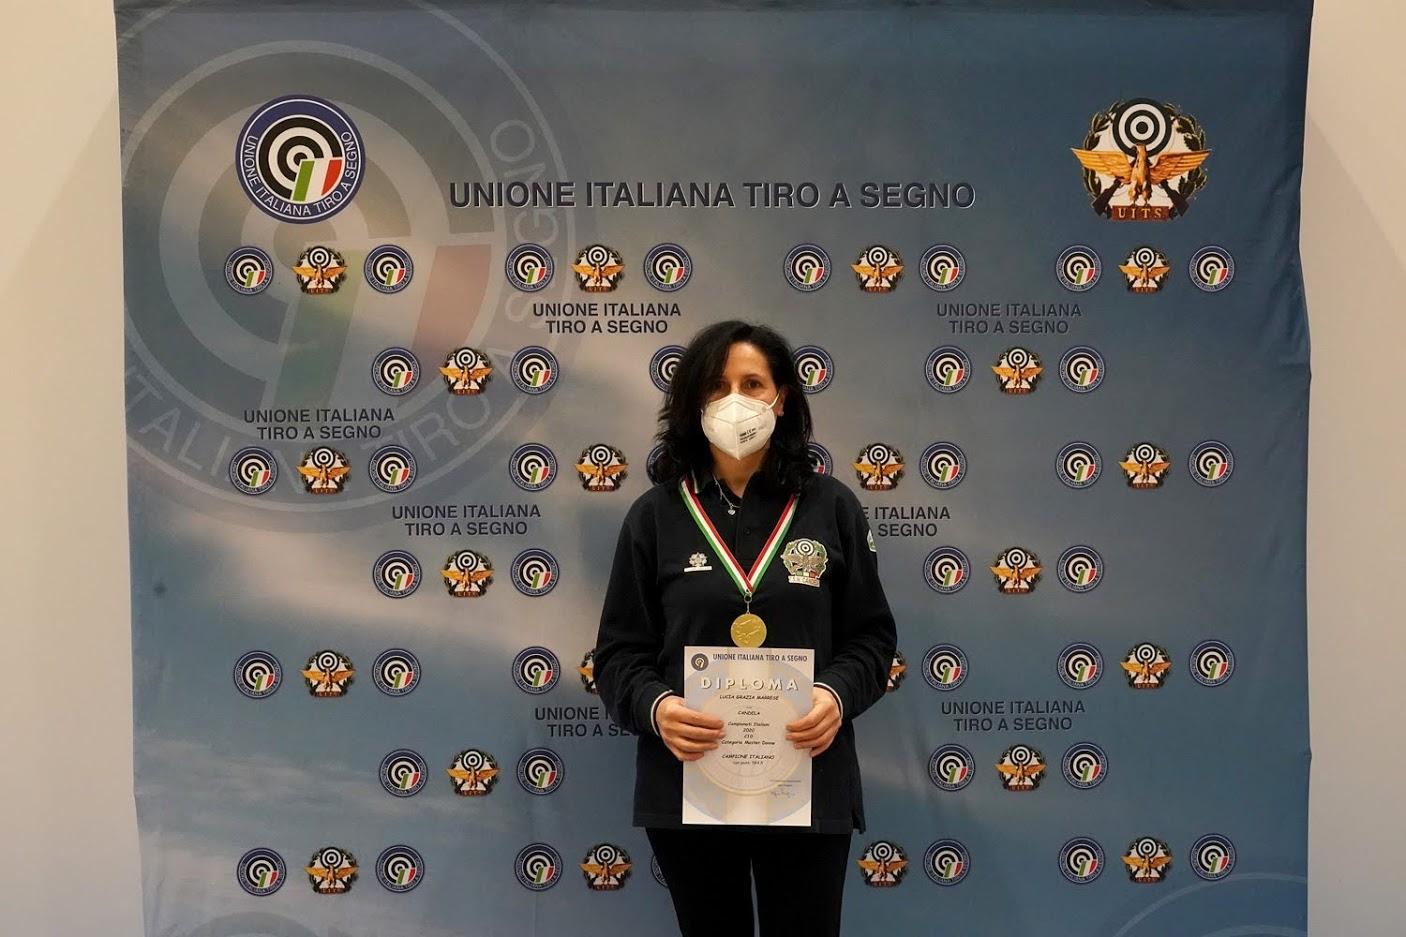 Finali dei Campionati Italiani Senior 2020 di Tiro a Segno. Candela ancora a podio.